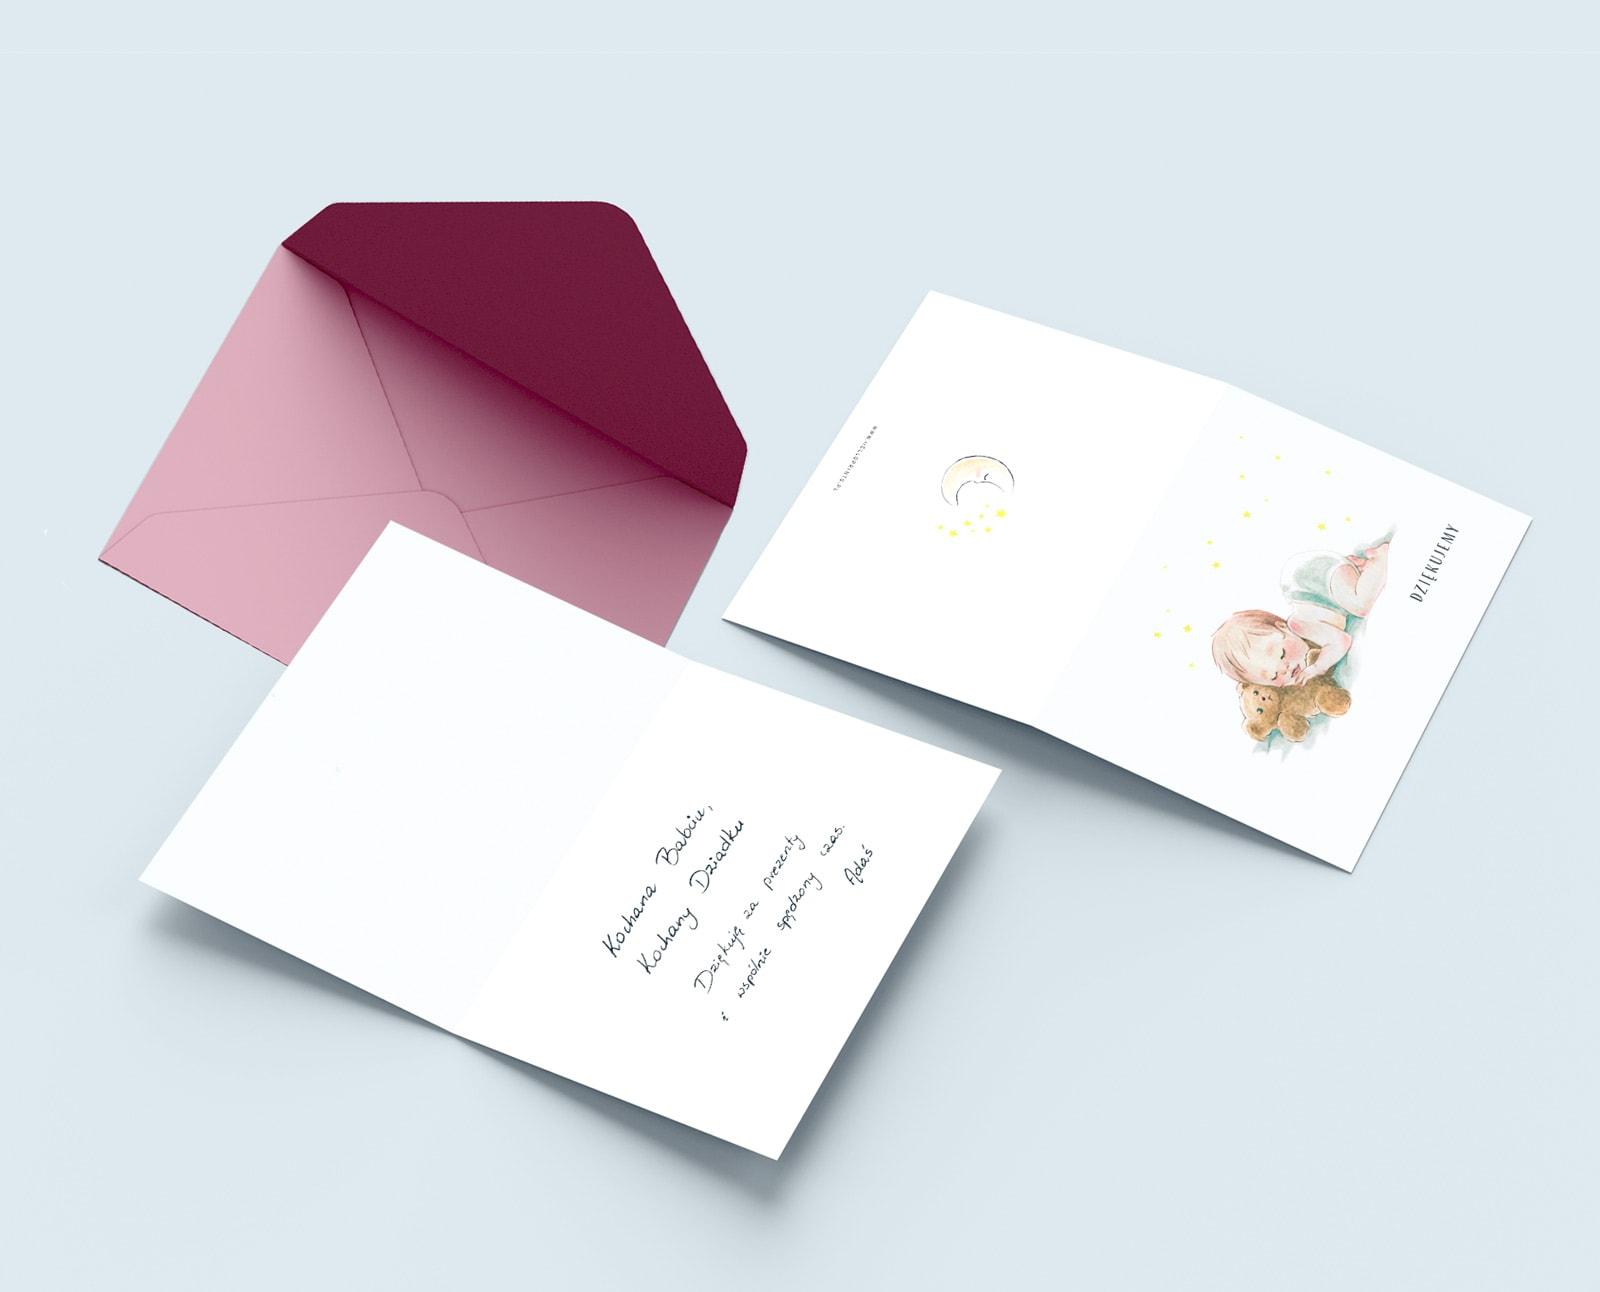 Kartka skłądane do wypisania podziękowań dla gości za prezenty